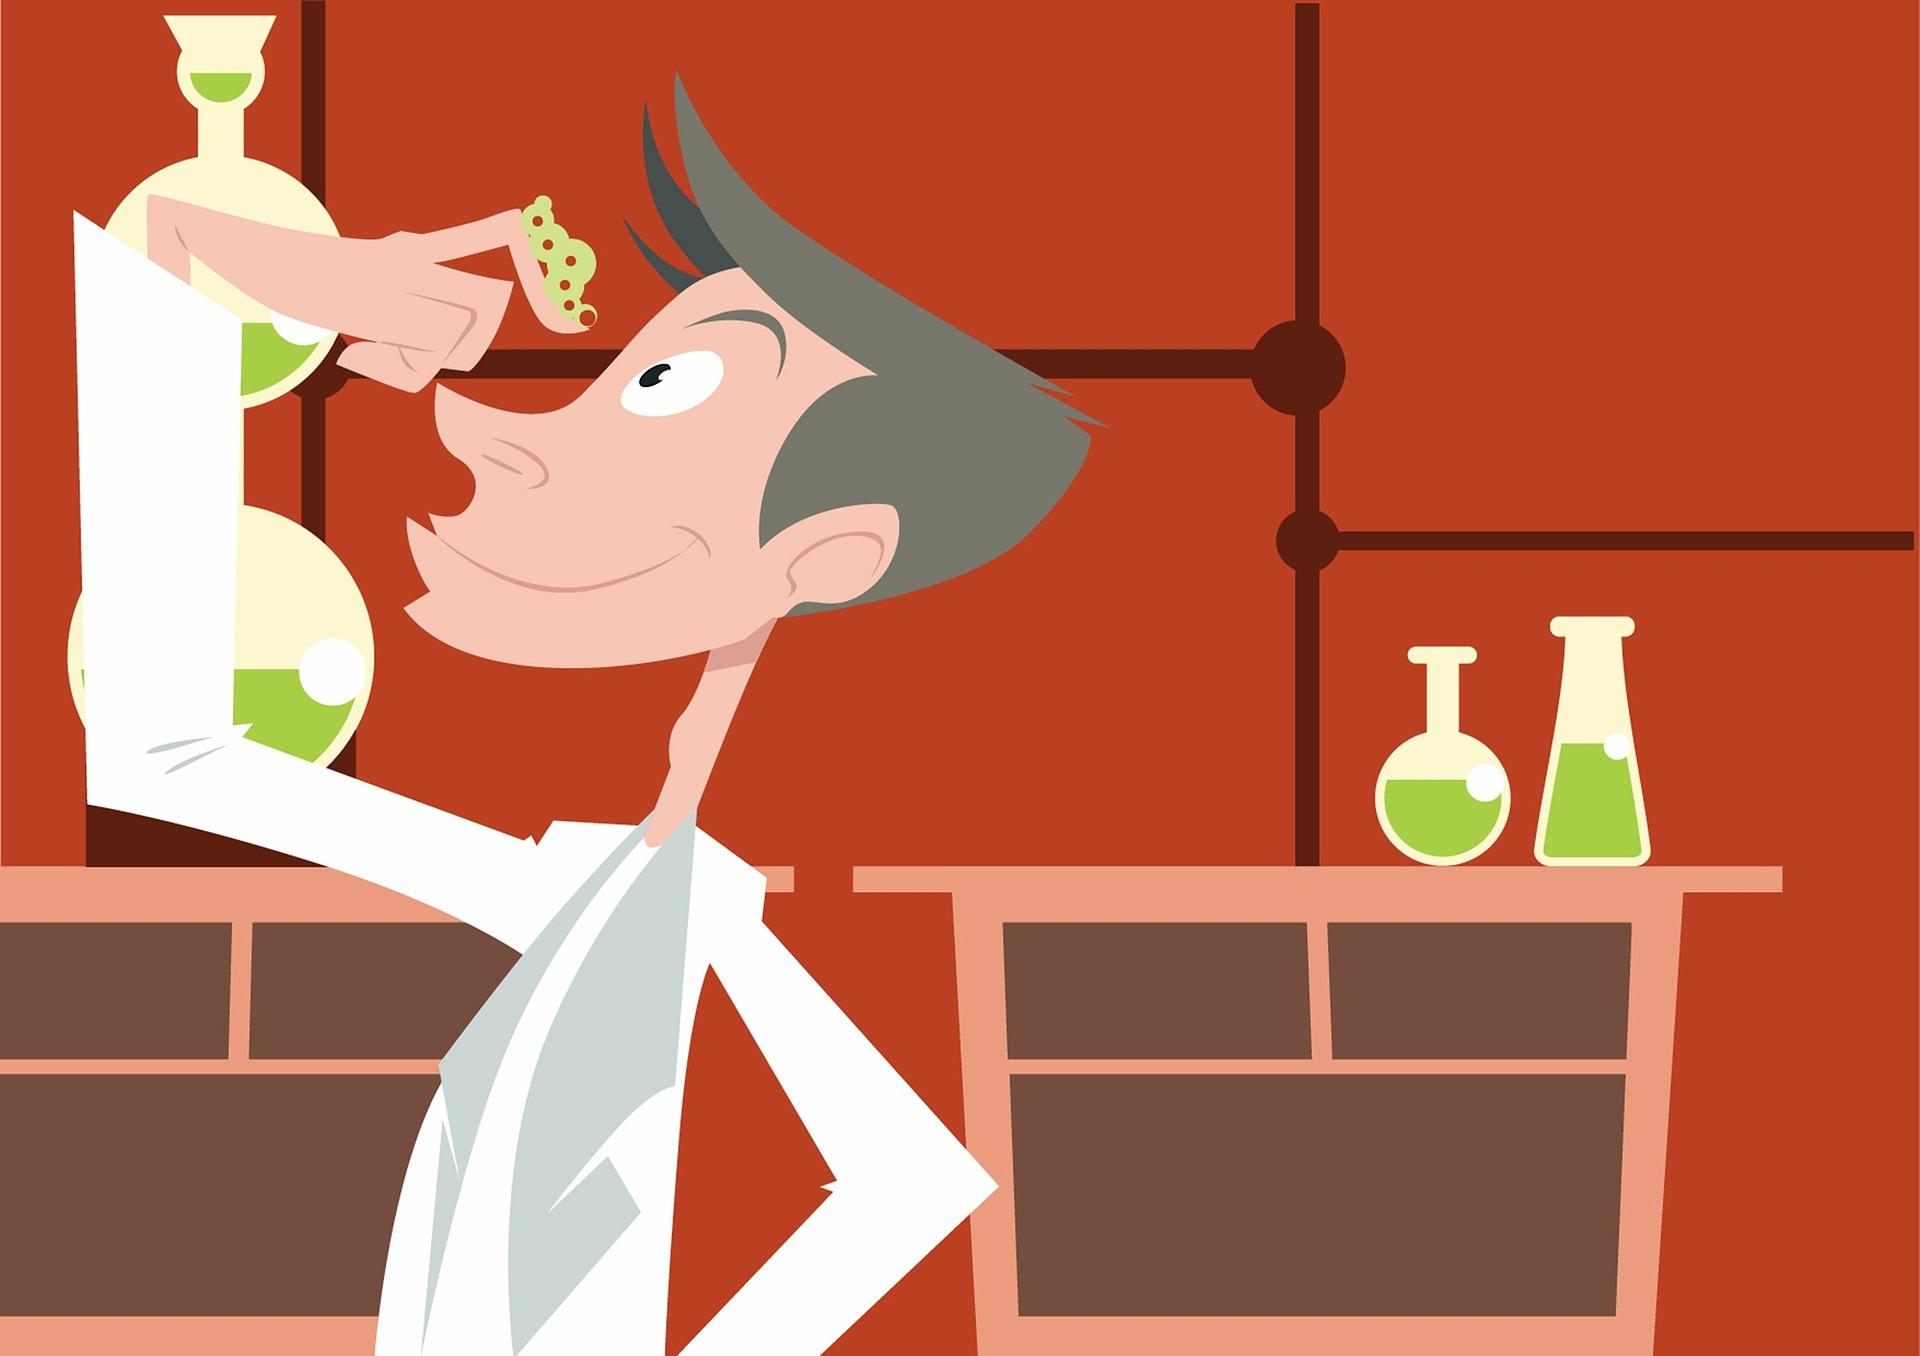 科学家, 实验室, 蠕虫, 试管, 巴塔 - 高清壁纸 - 教授-falken.com